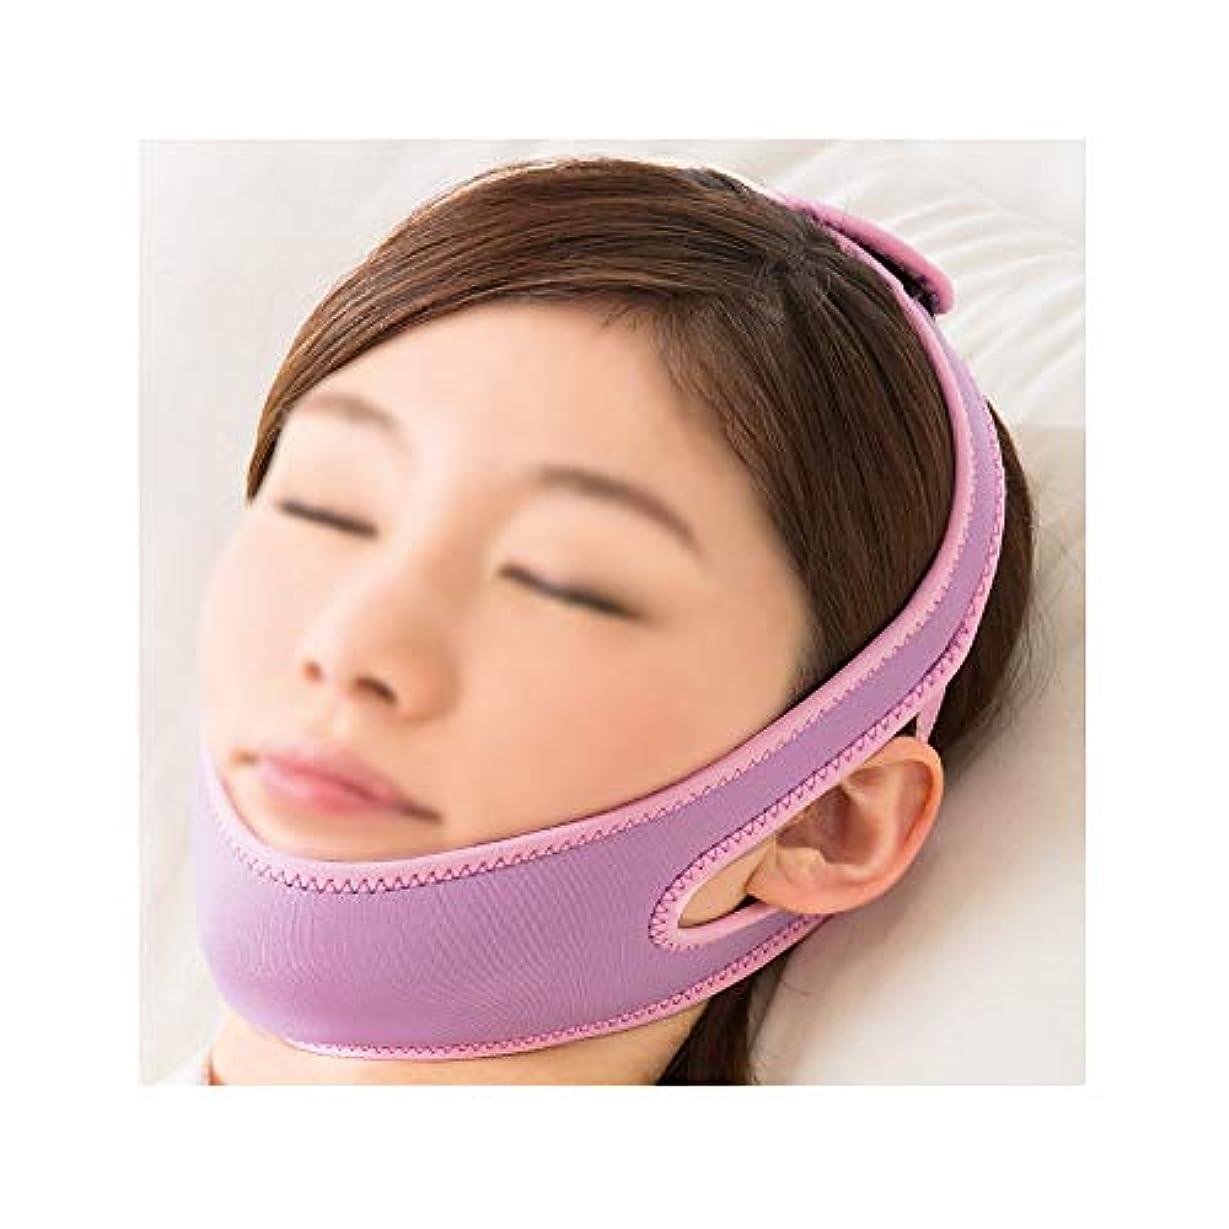 ショート包括的信頼性TLMY マスクフェイスリフトアーチファクトマスク垂れ顔小さいVフェイス包帯通気性睡眠両面あごスーツ睡眠弾性痩身ベルト 顔用整形マスク